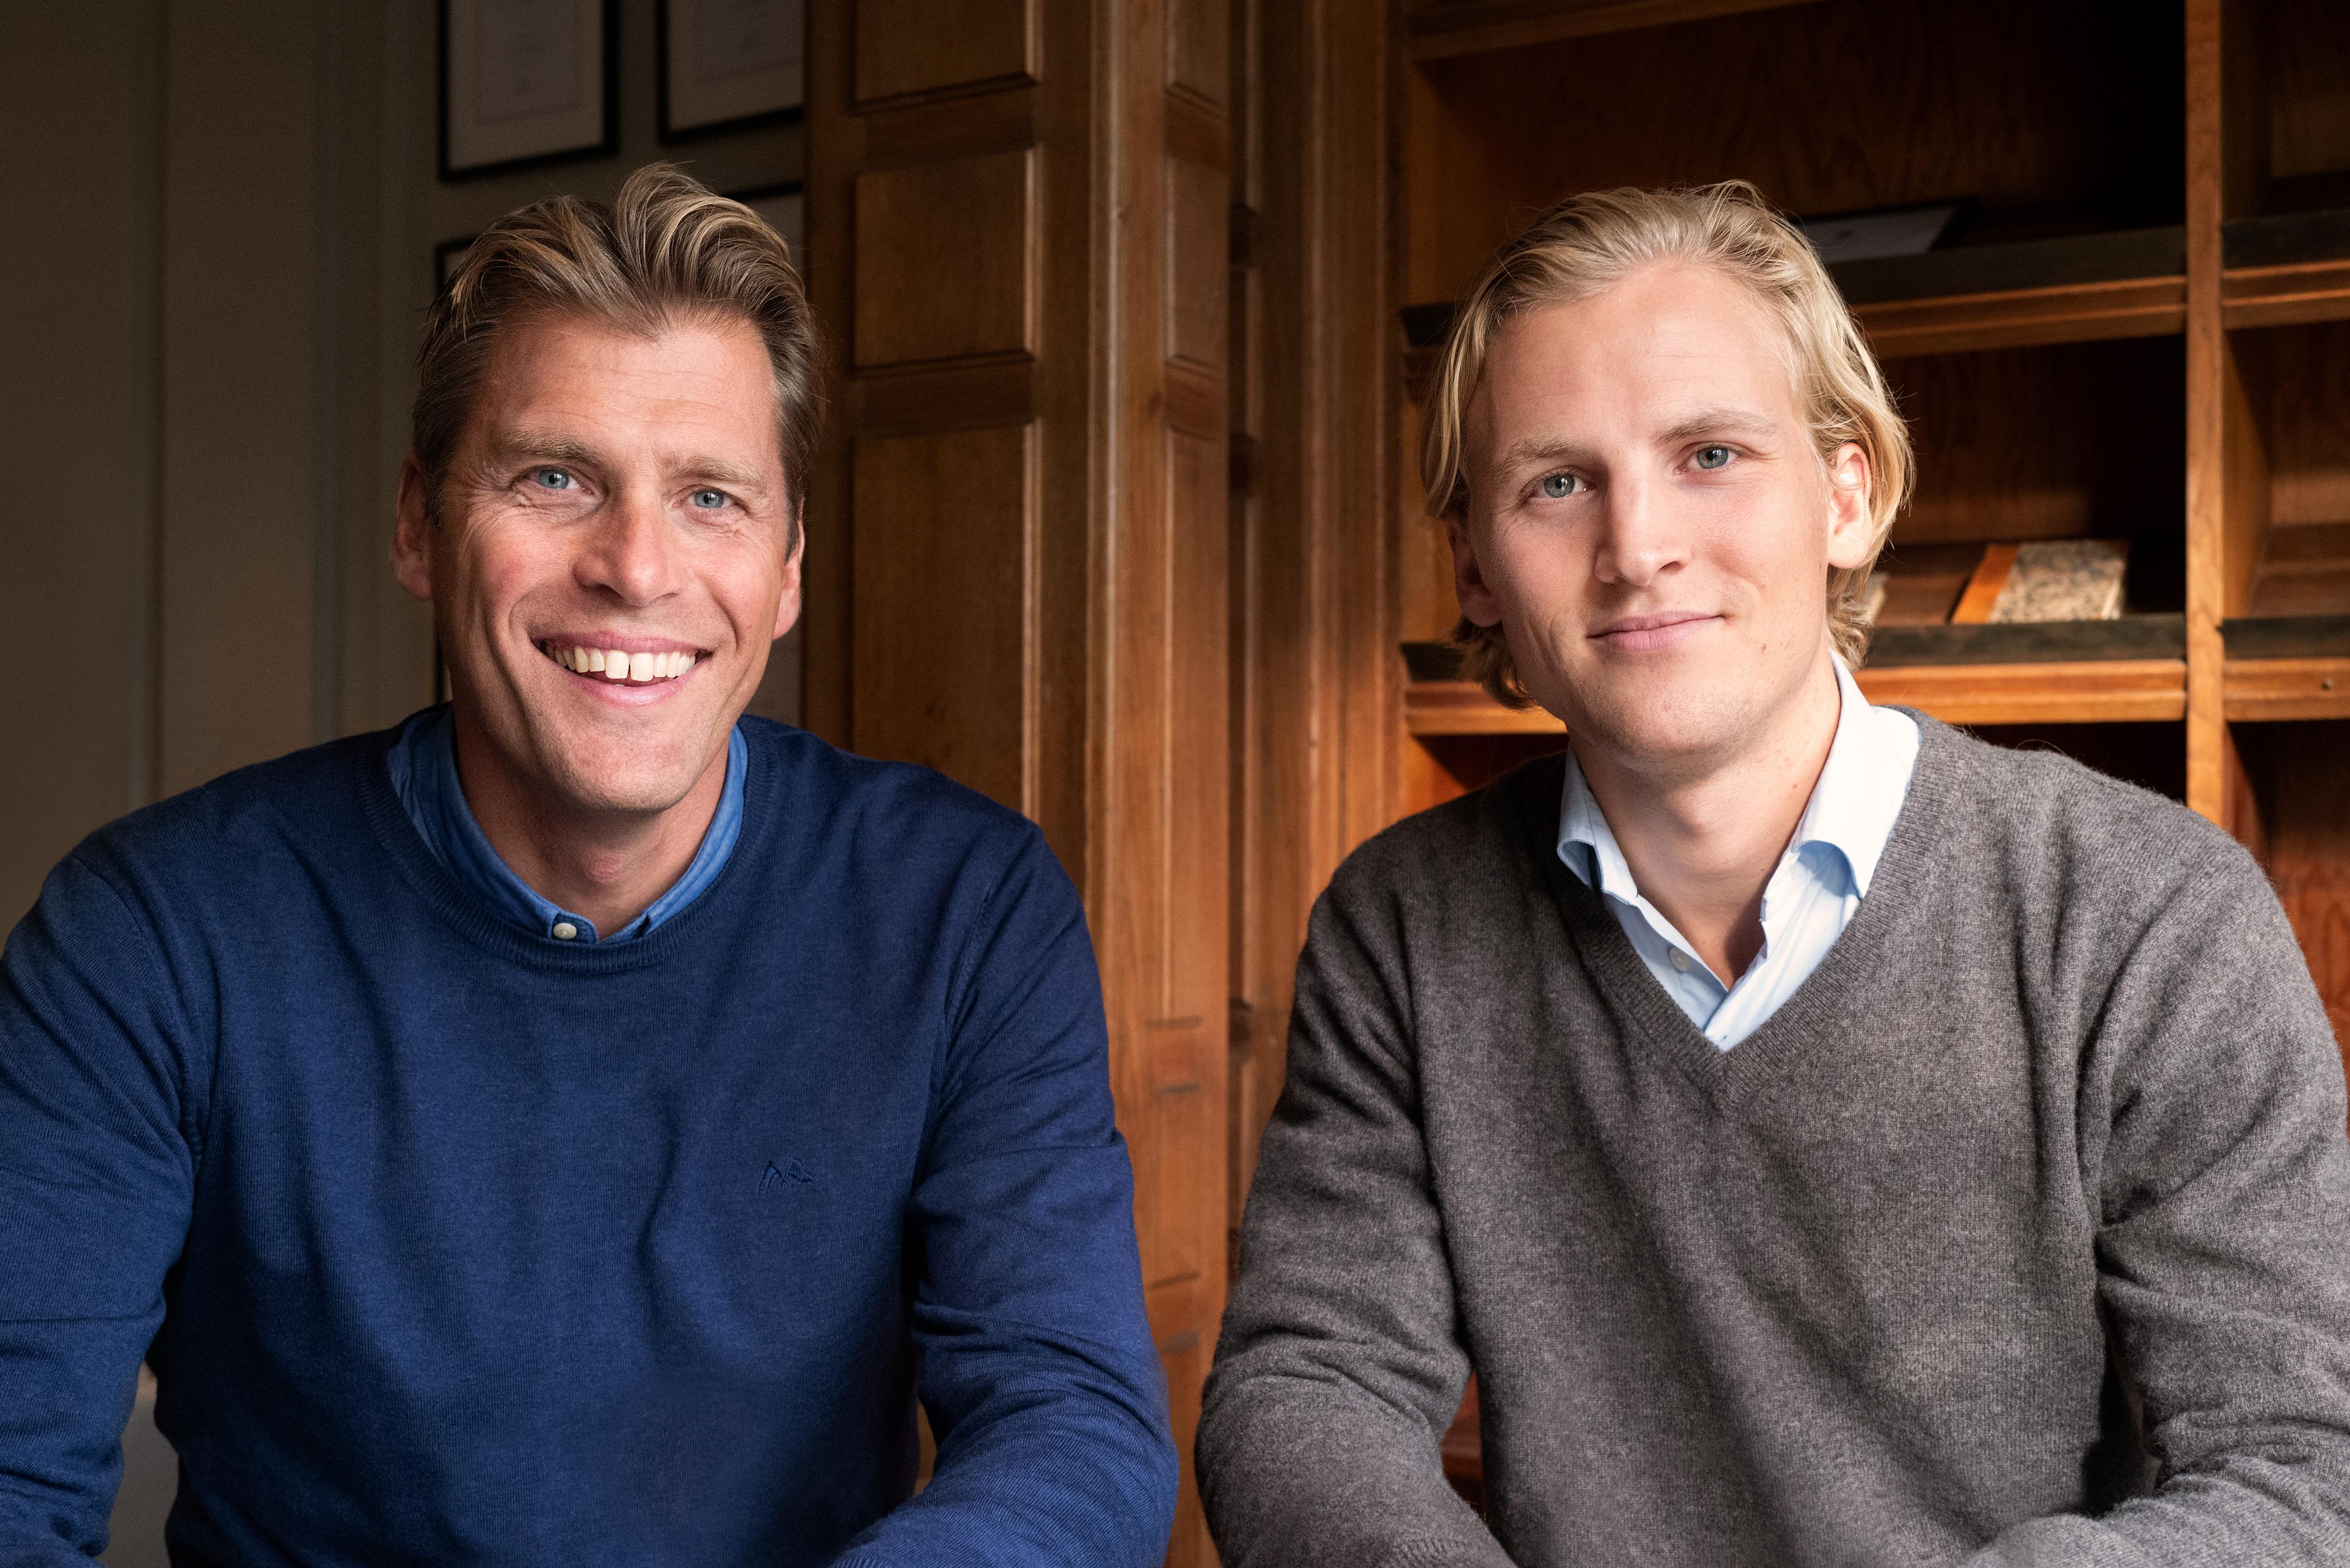 Leif Eliasson, påtroppende administrerende direktør for låneformidleren Zensum – Neste steg på reisen mot videre vekst